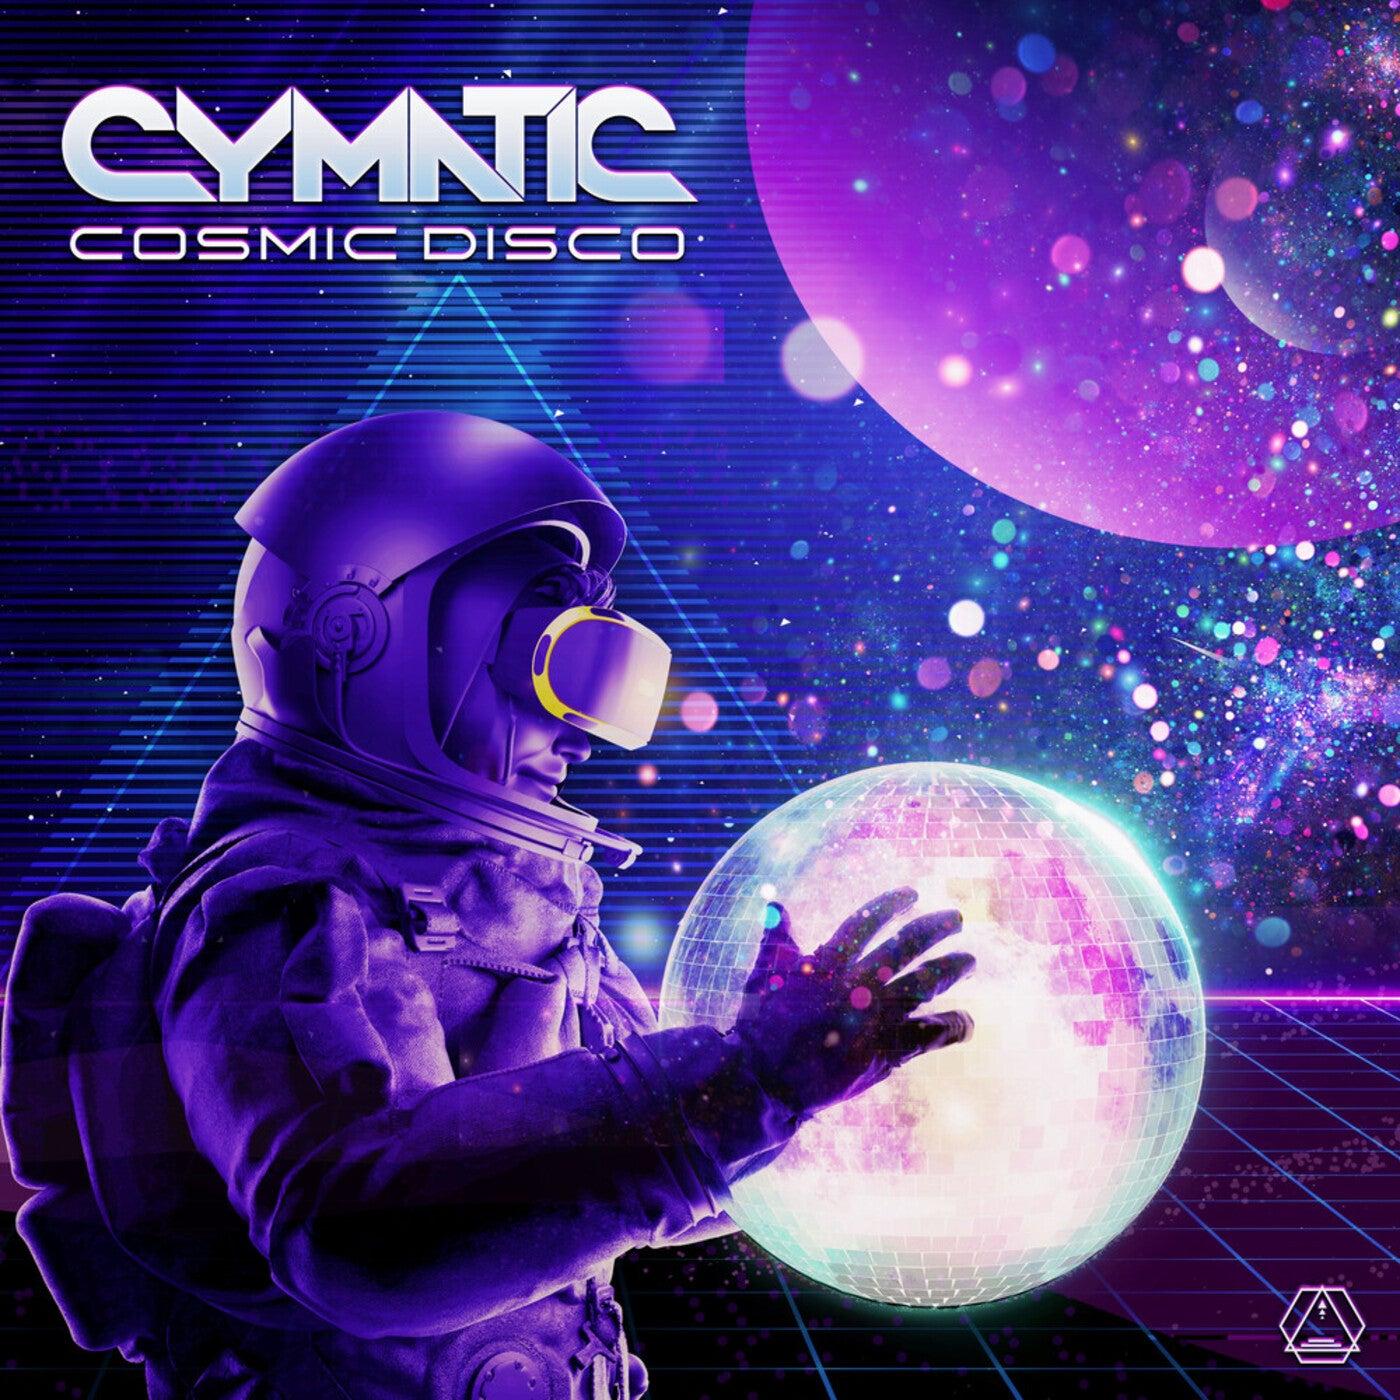 Cosmic Disco (Original Mix)